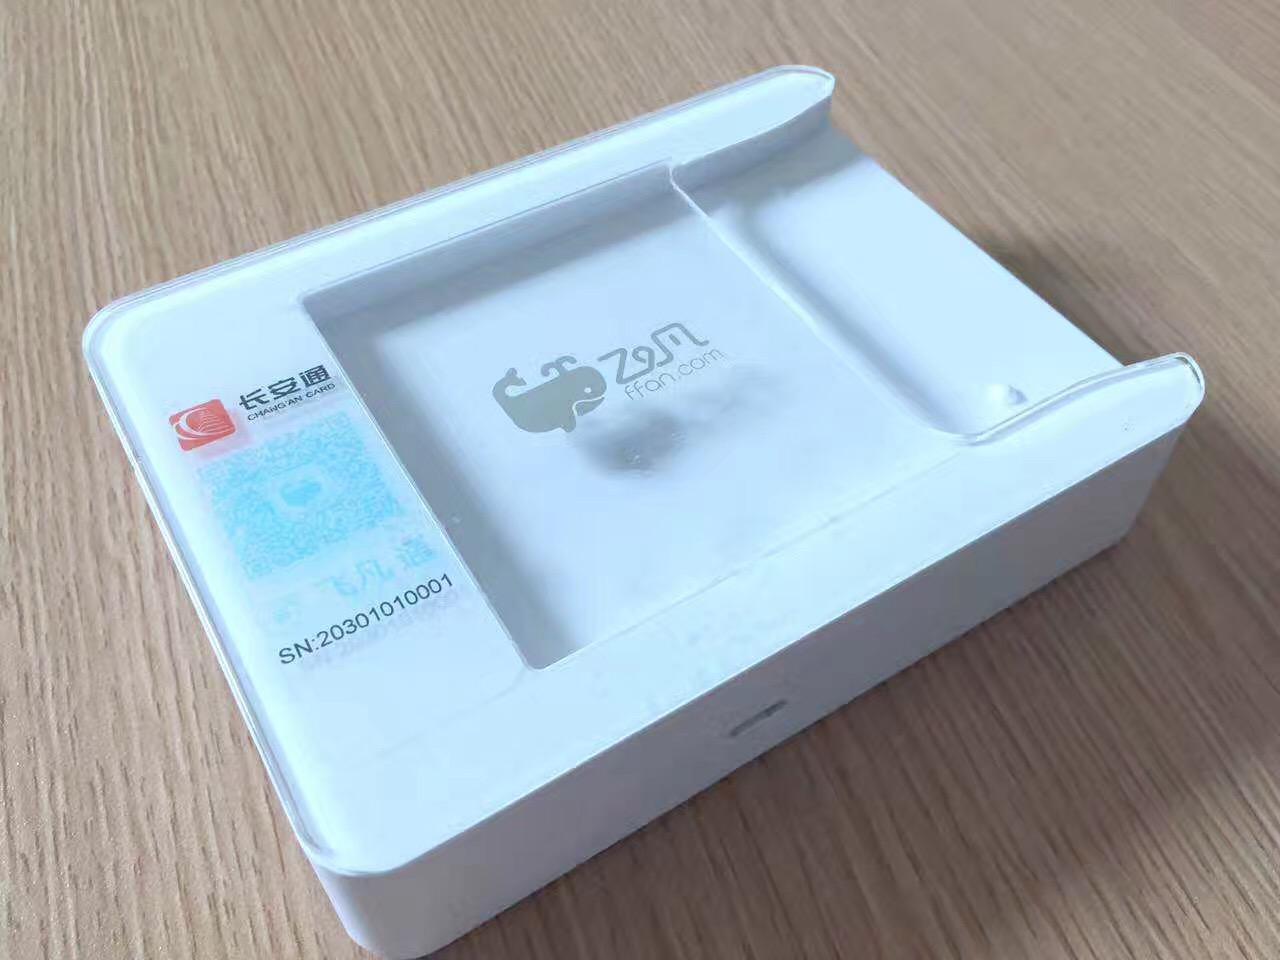 公交卡随处充:飞凡APP+共享充值盒子让长安通充值更方便